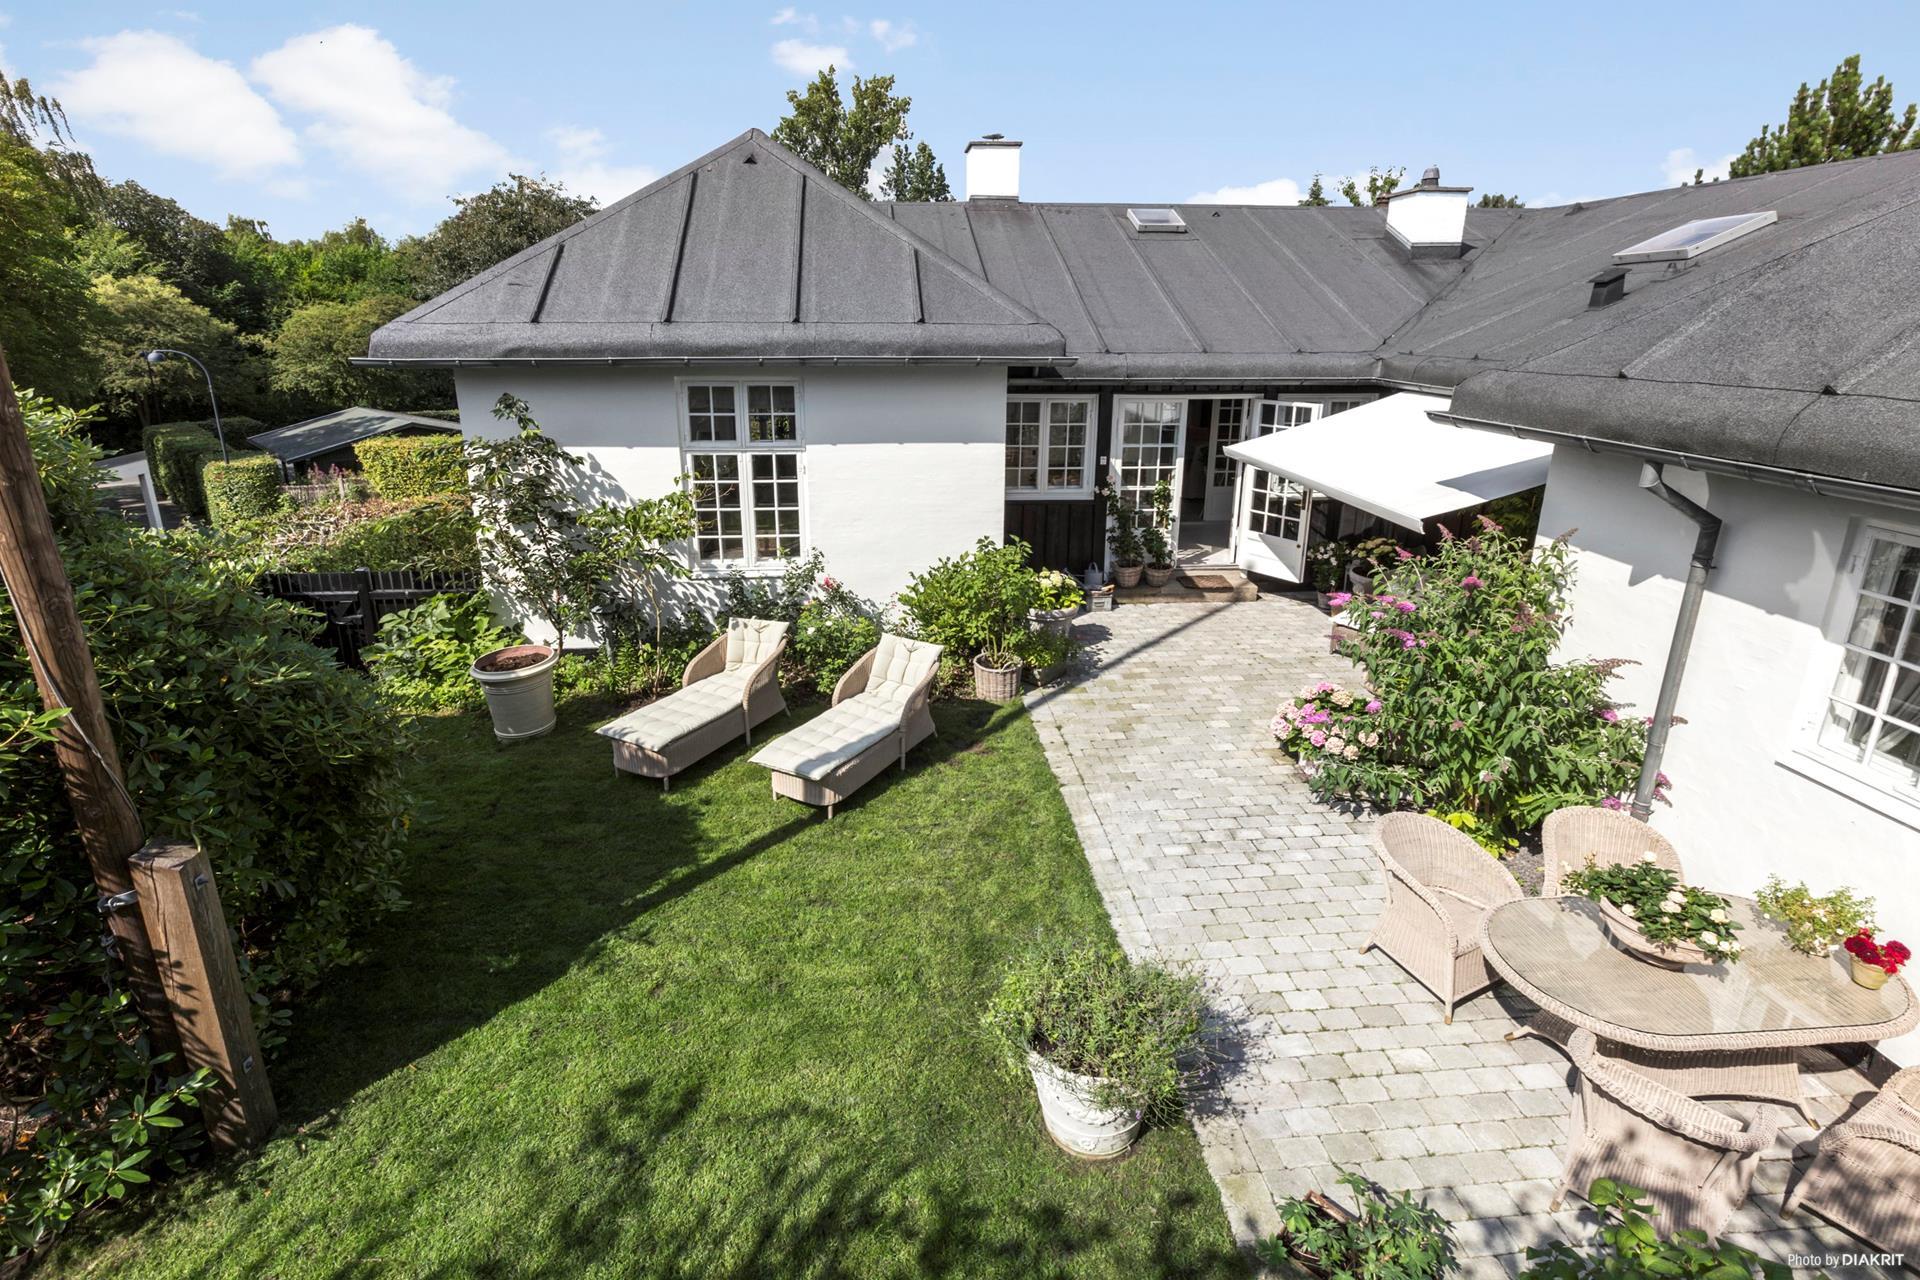 загородный дом терраса уличная садовая мебель лежаки газон отмостка